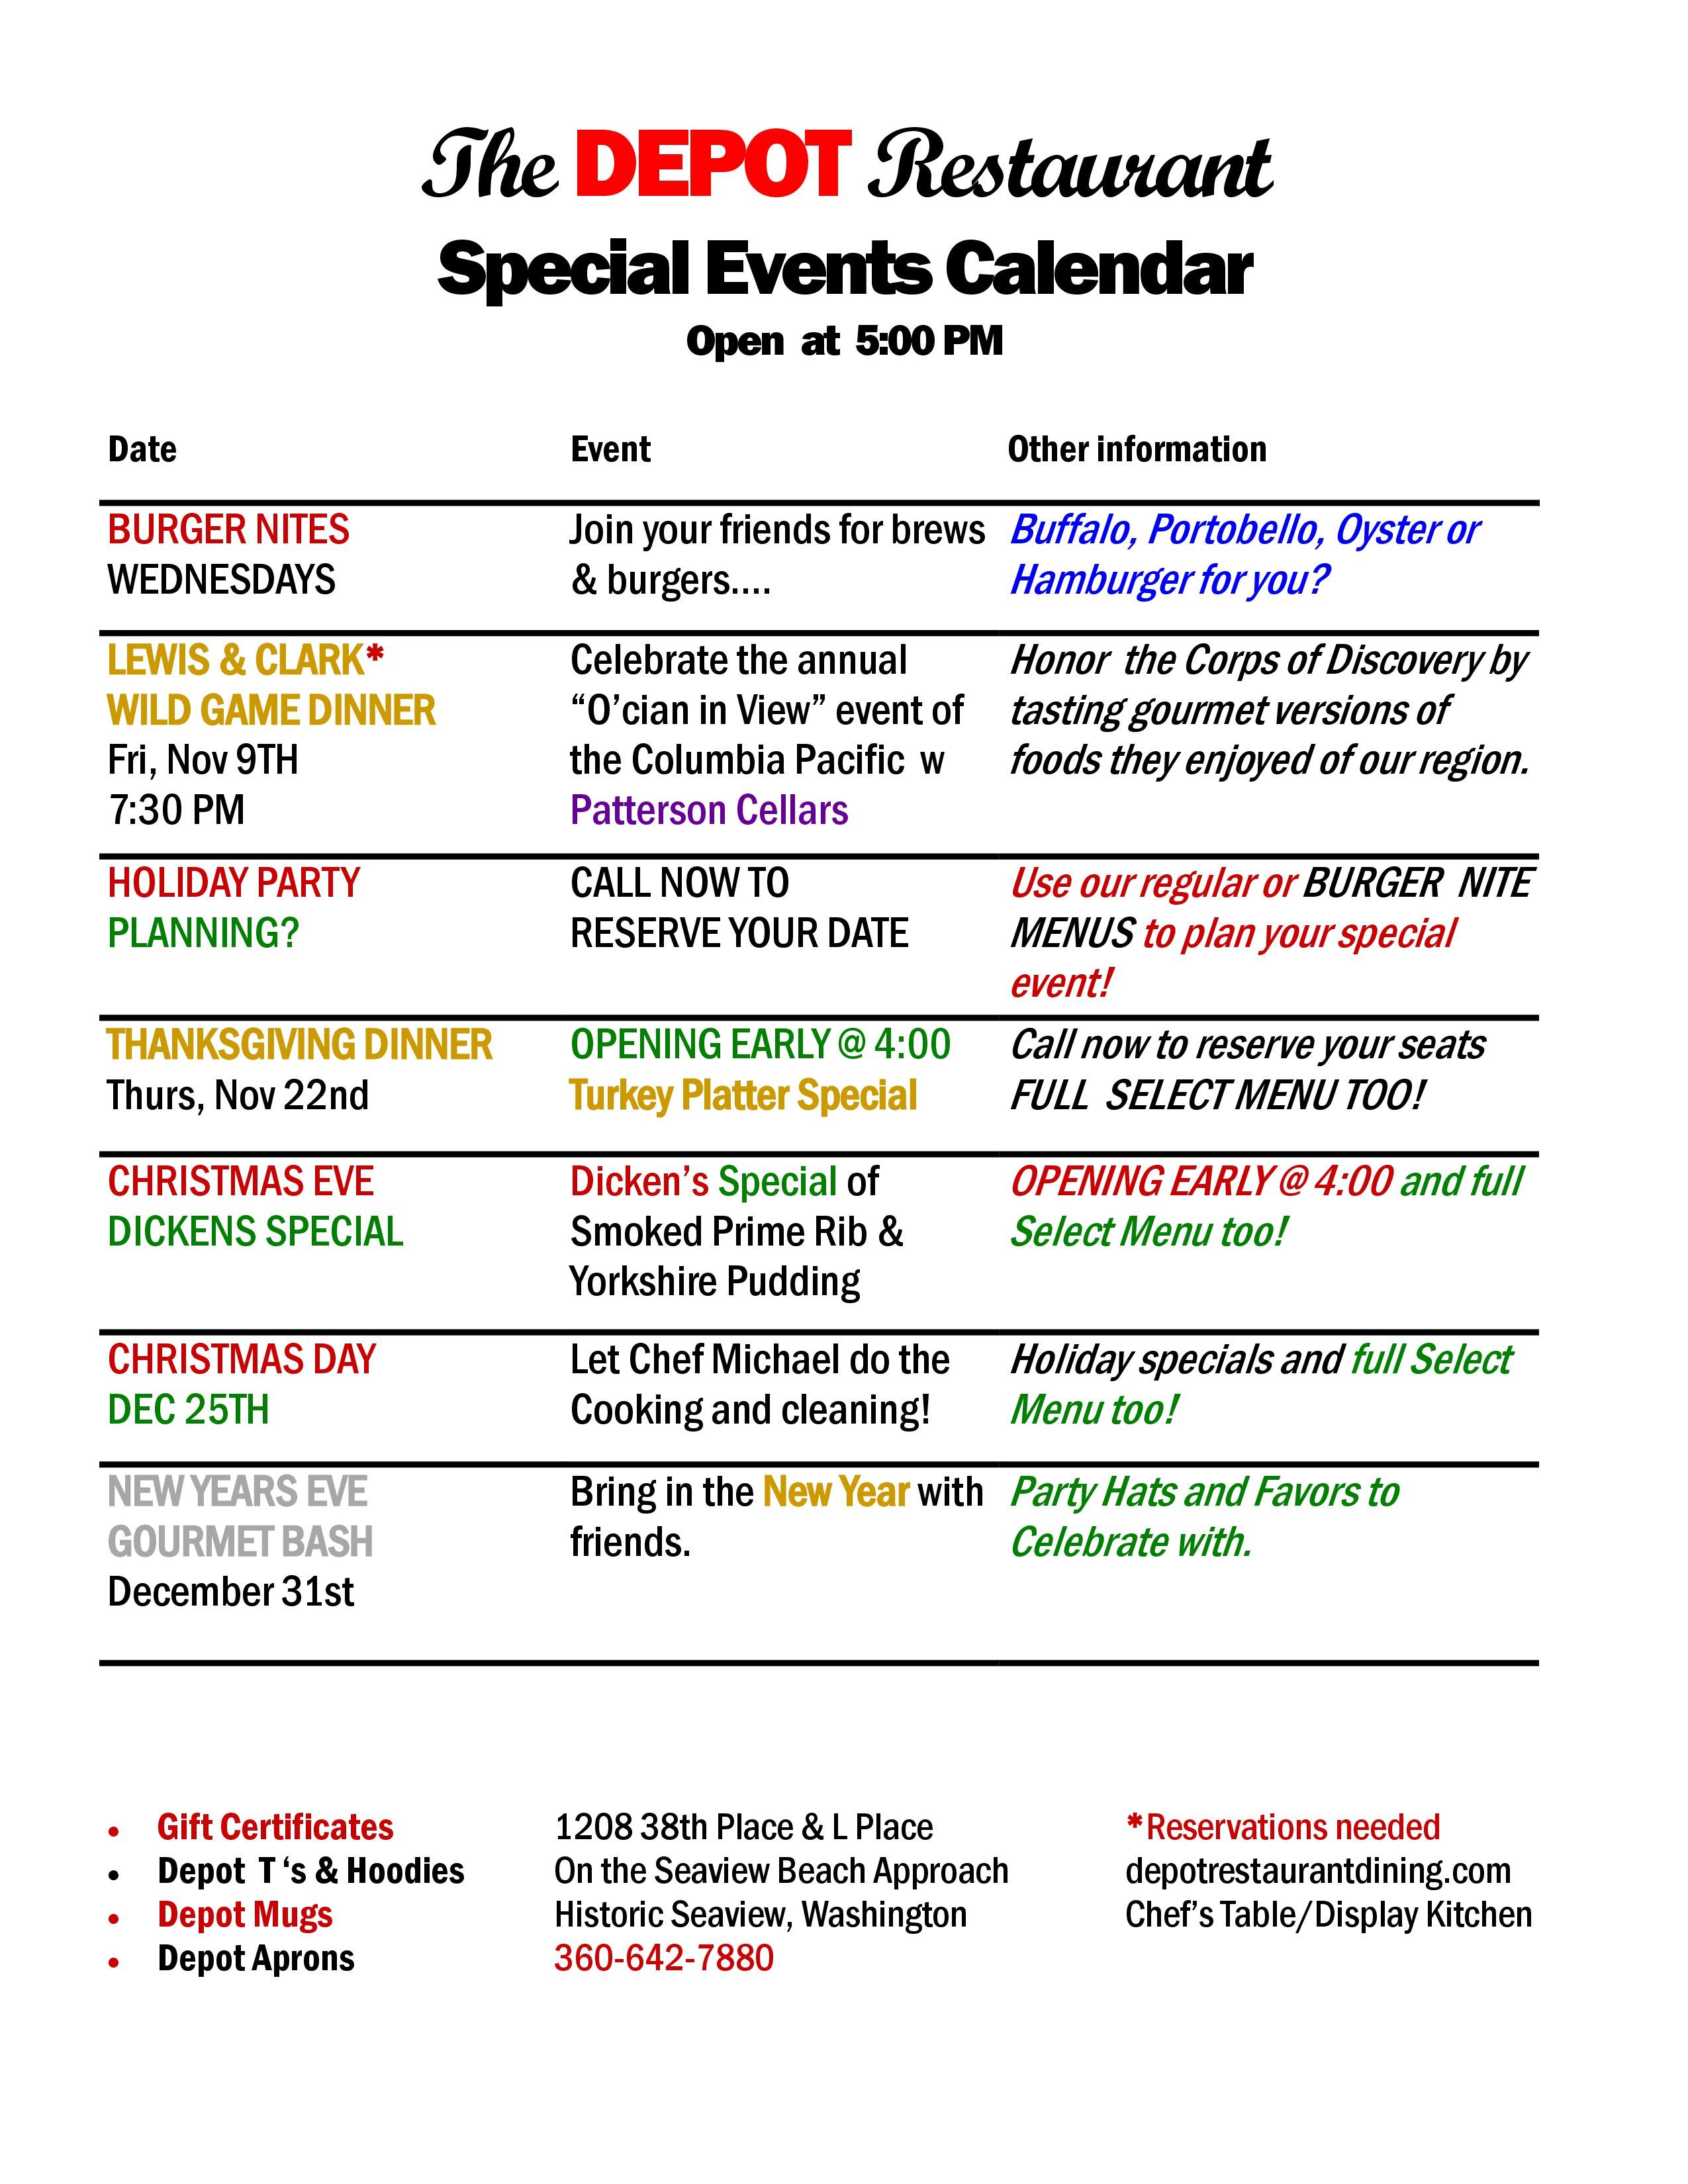 Special Events - The DEPOT RestaurantThe DEPOT Restaurant